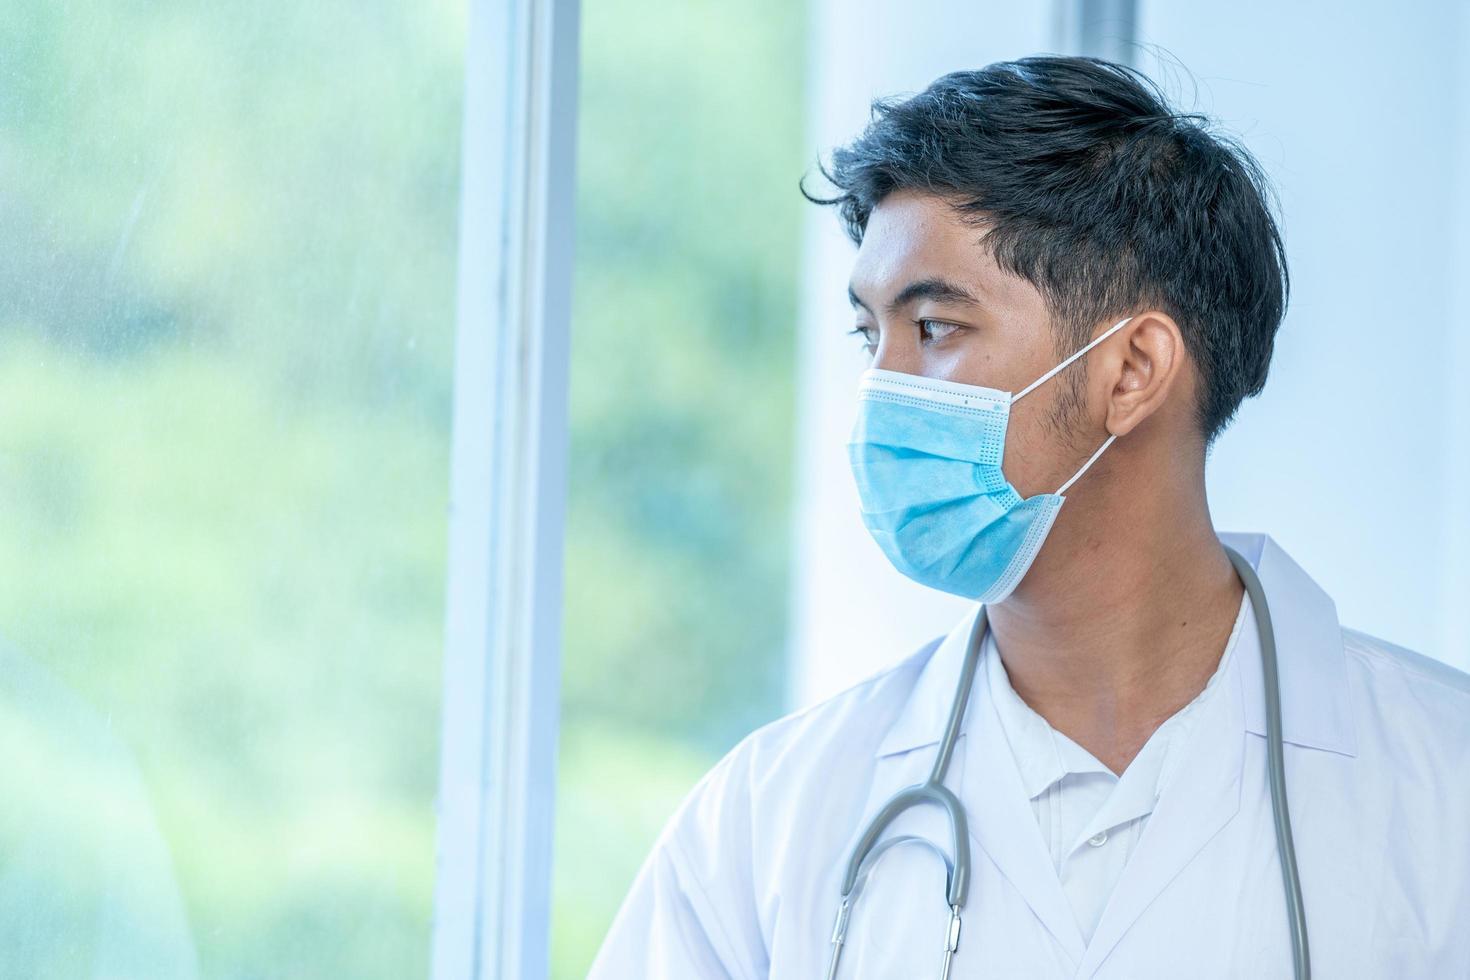 Mann mit Gesichtsmaske und Stethoskop aus dem Fenster schauend foto